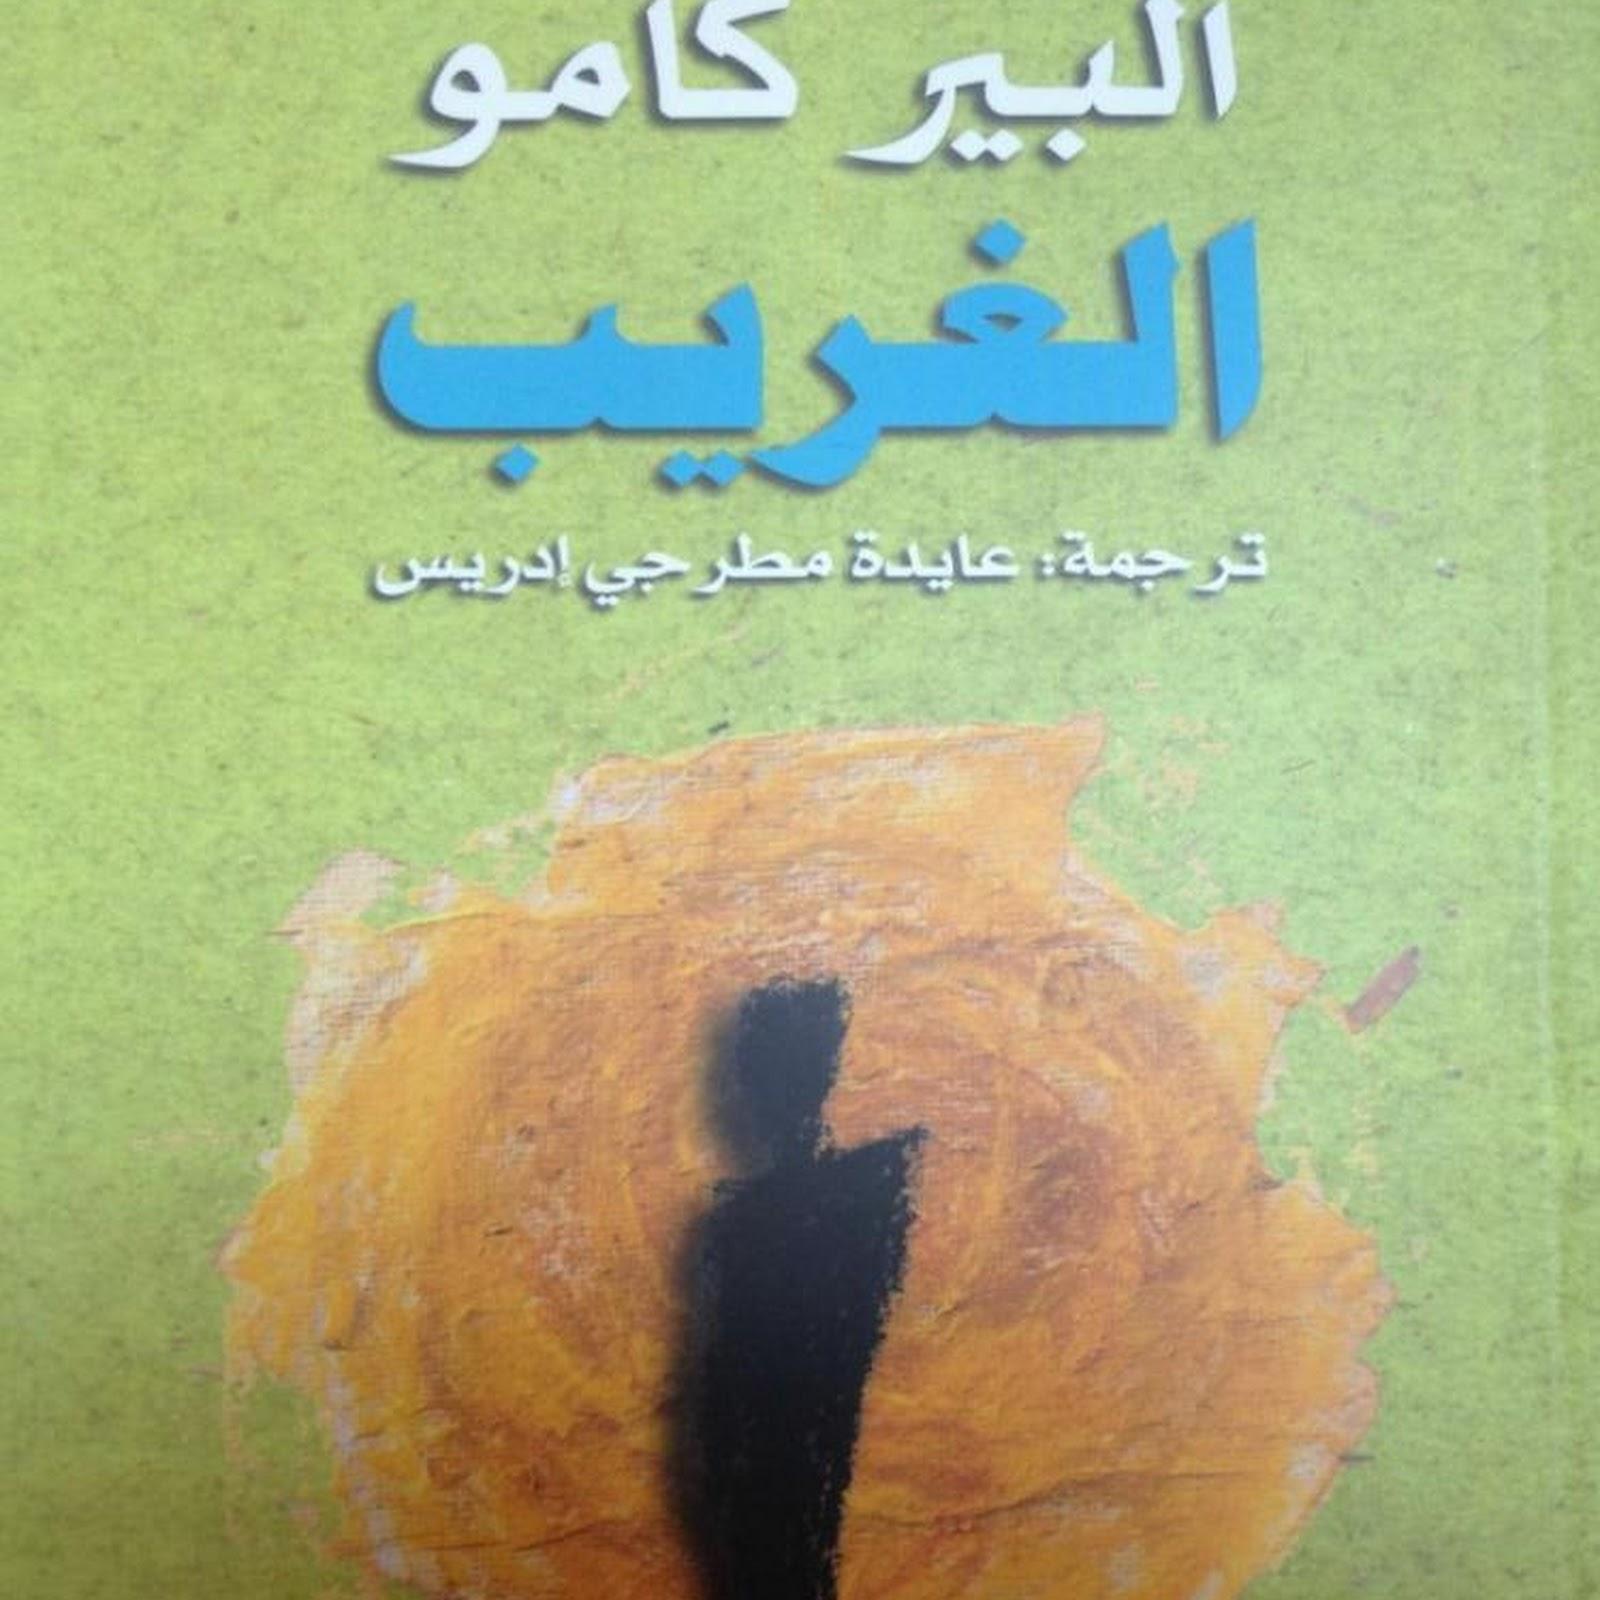 الغريب لألبير كامو Pdf مكتبة سور الازبكية